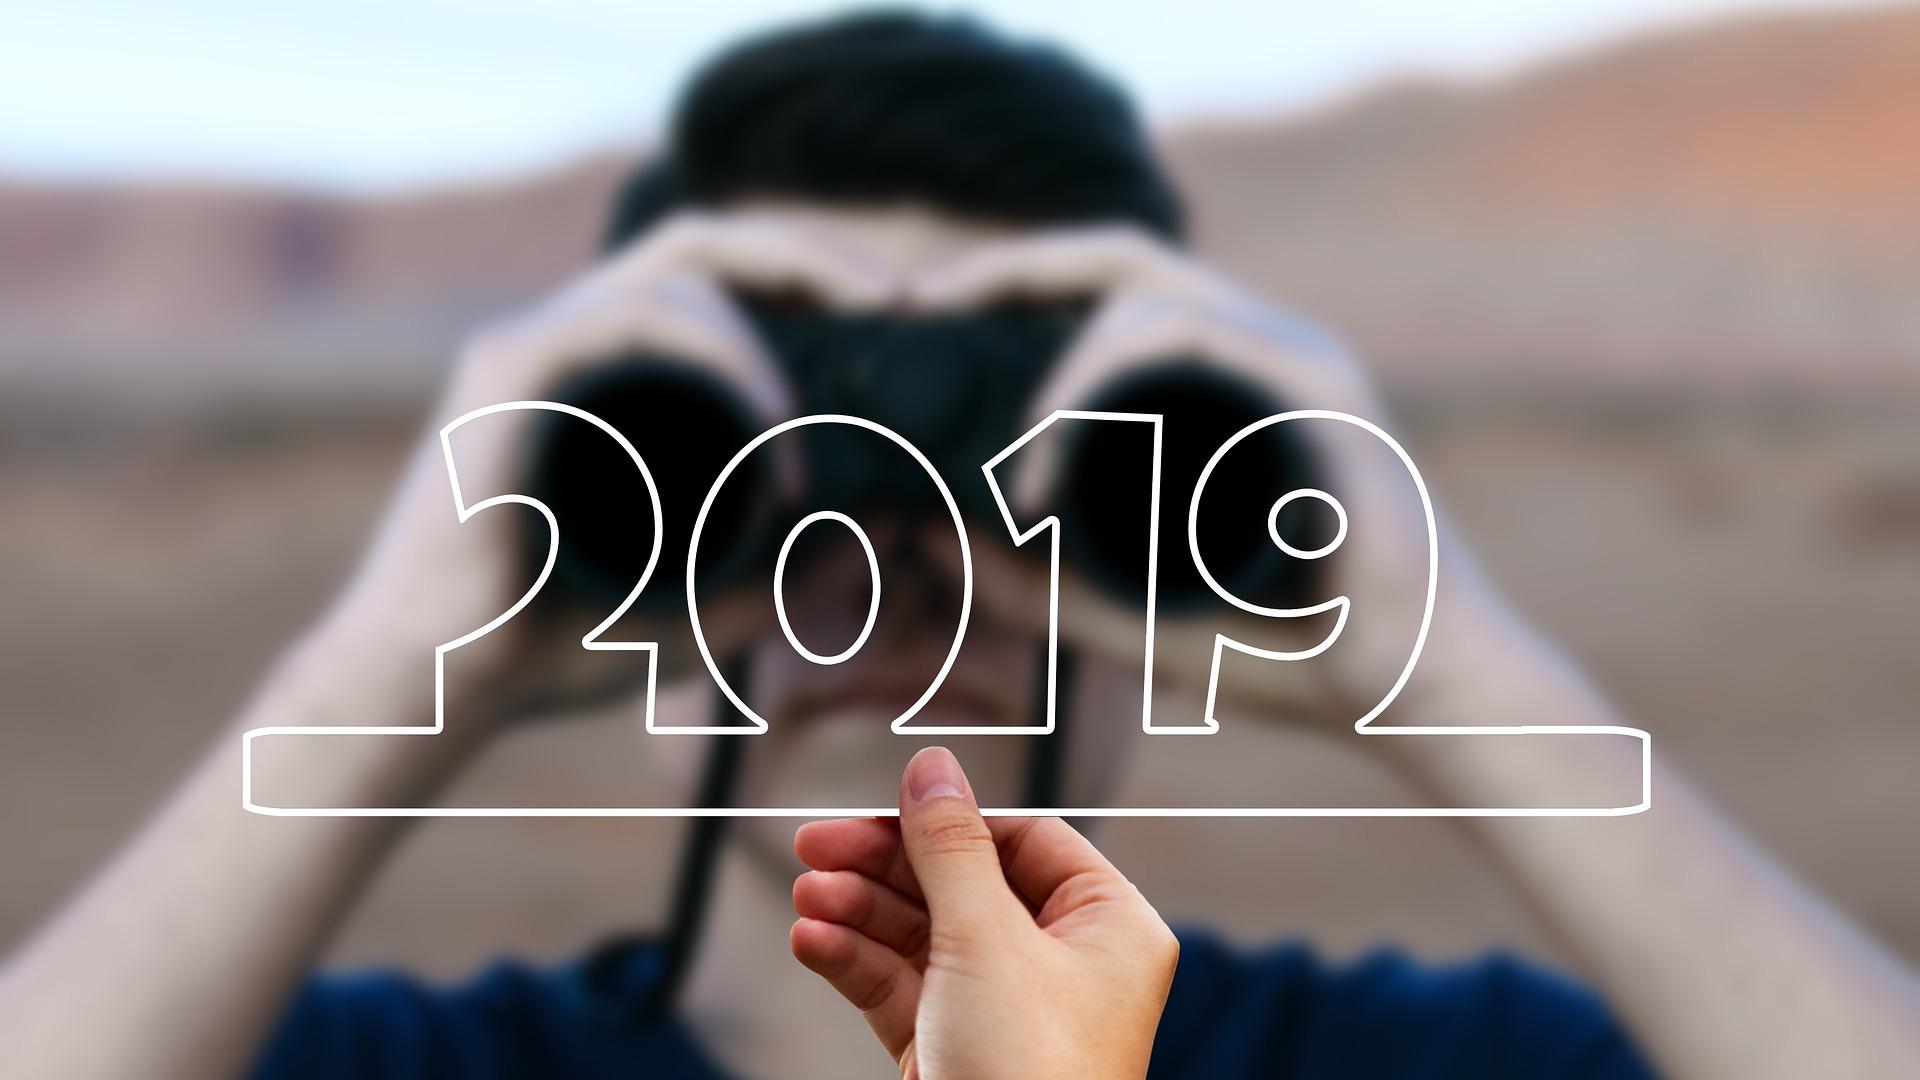 Glaskugelige Kaffeesatzlesereien für 2019: Pinterest, Newsletter und ein düsteres Jahr für den Journalismus